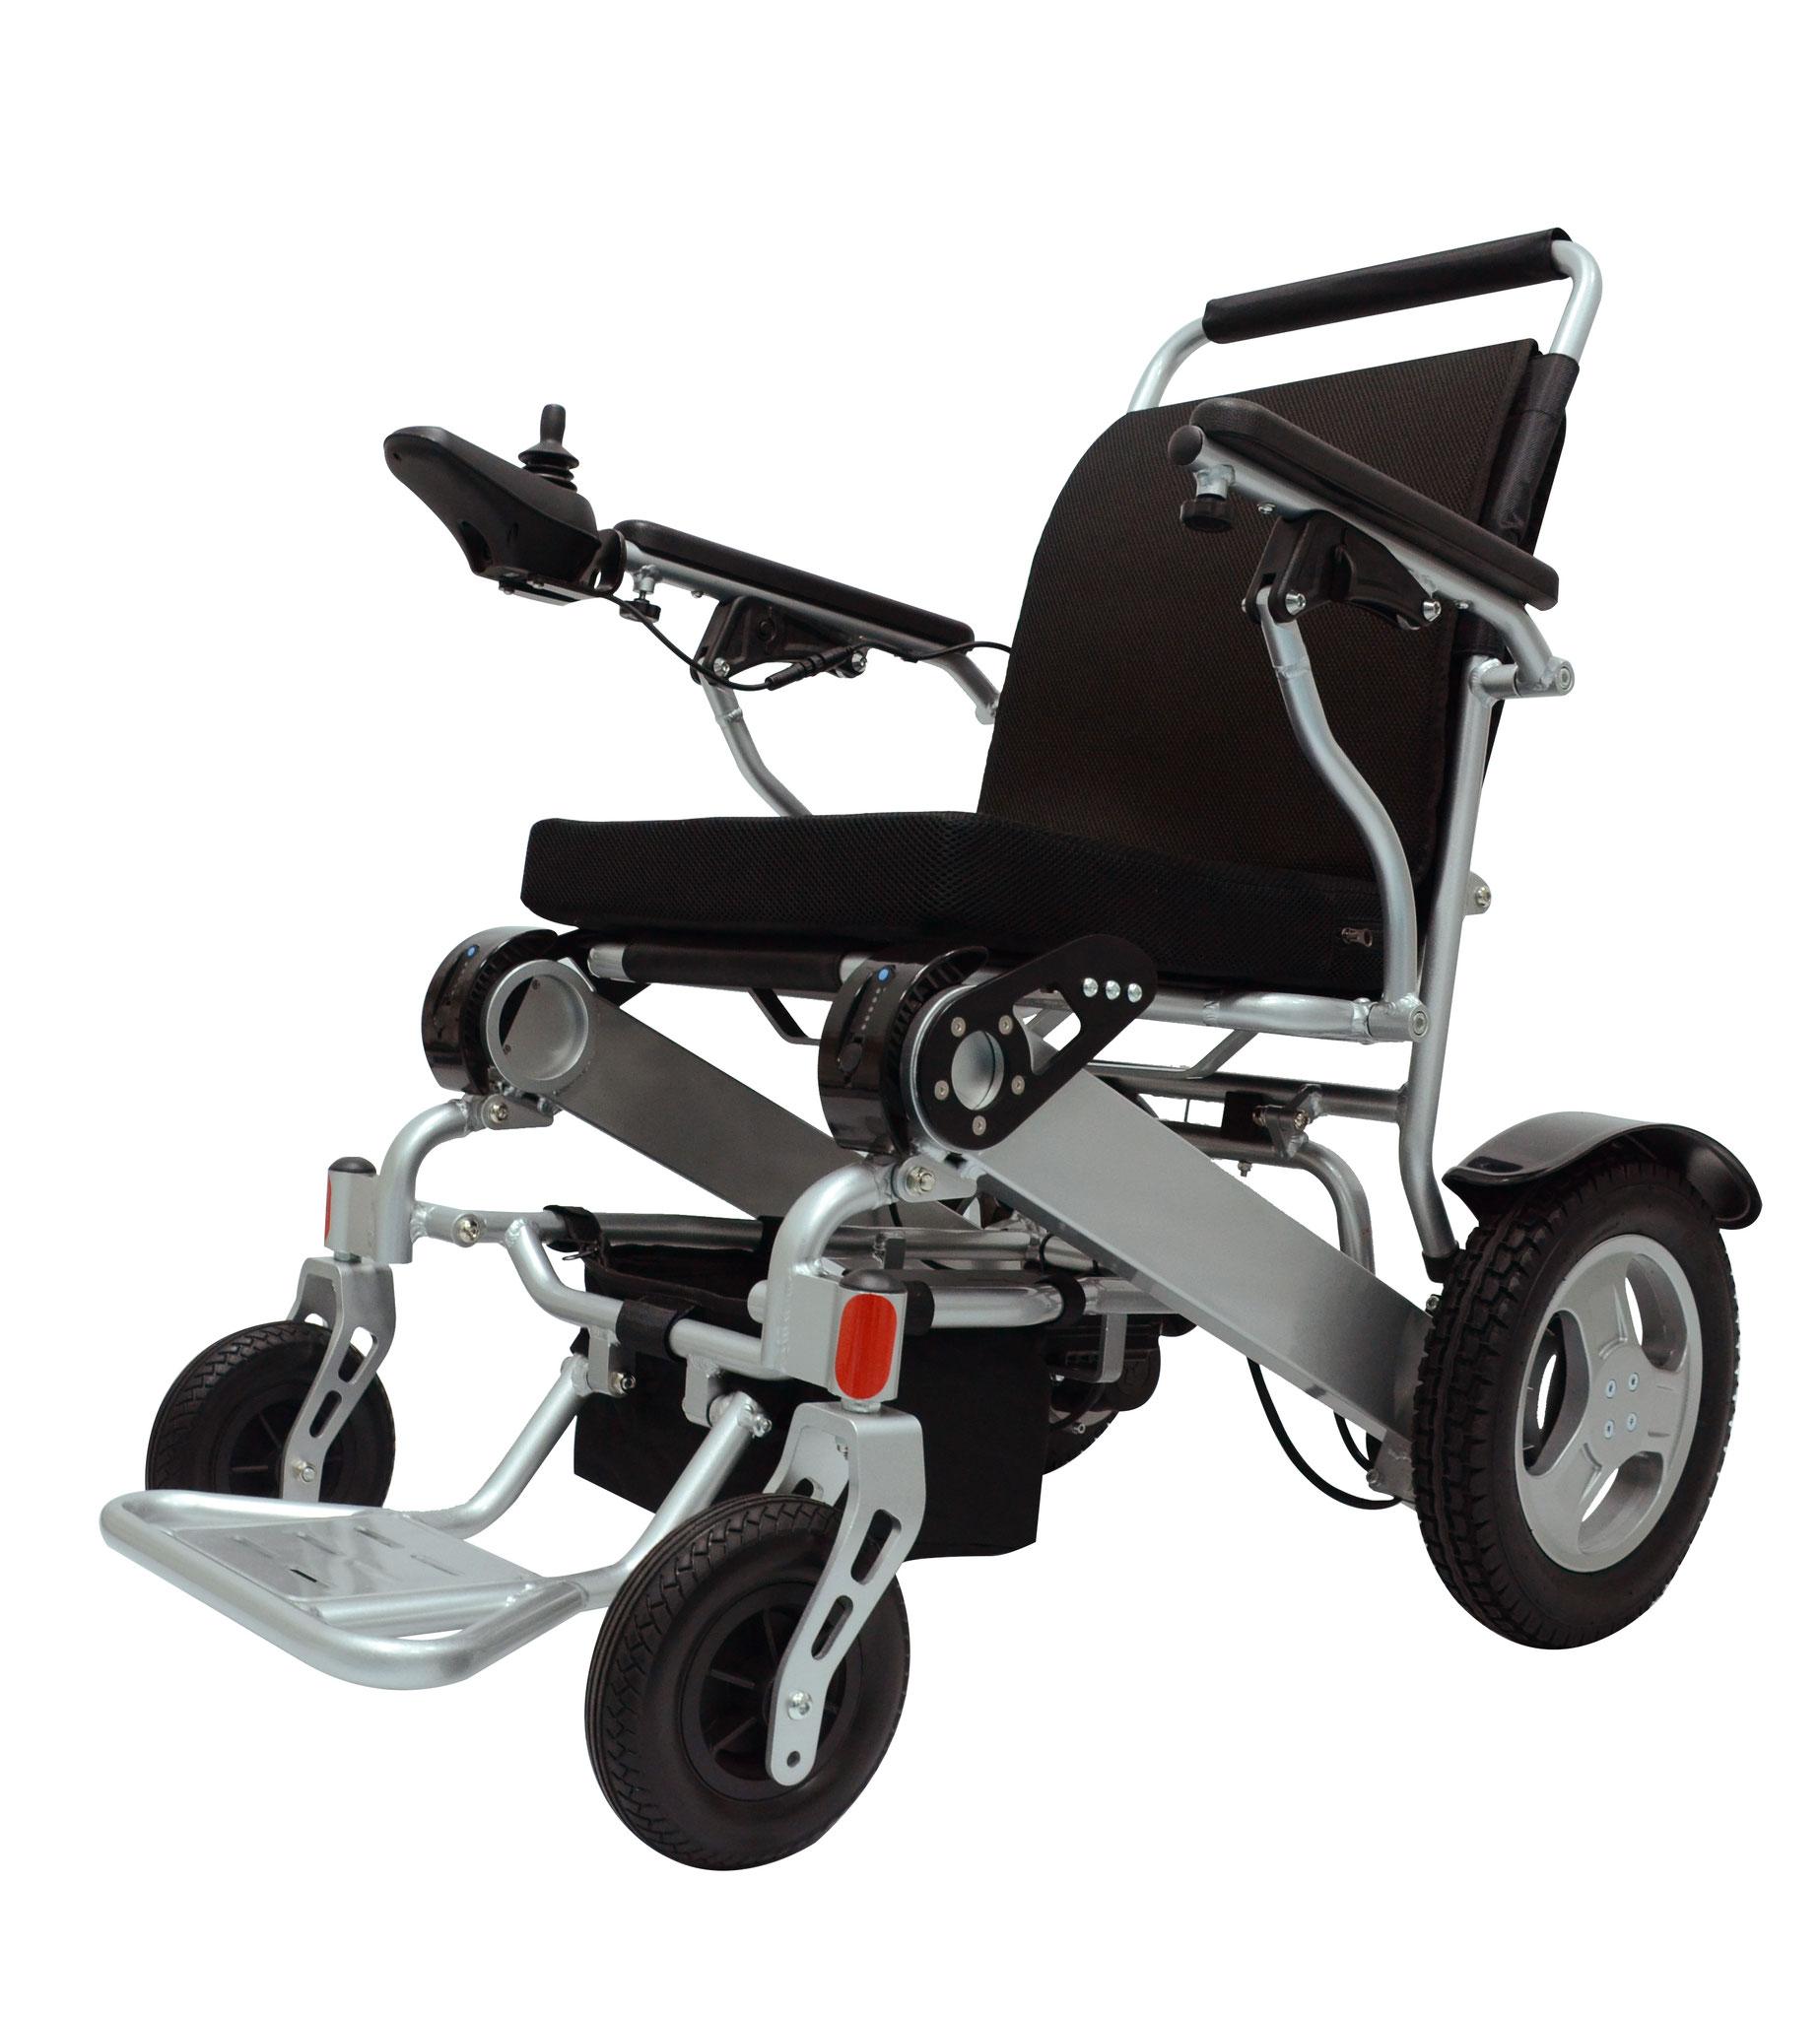 Der E-Rollstuhl ERGOFLIX® L von JBH wiegt 23,5 kg (26 kg mit Batterie). Das Material ist trotzdem so robust, dass Personen mit einem Gewicht von bis zu 160kg in den Genuss neuer Mobilität kommen können.